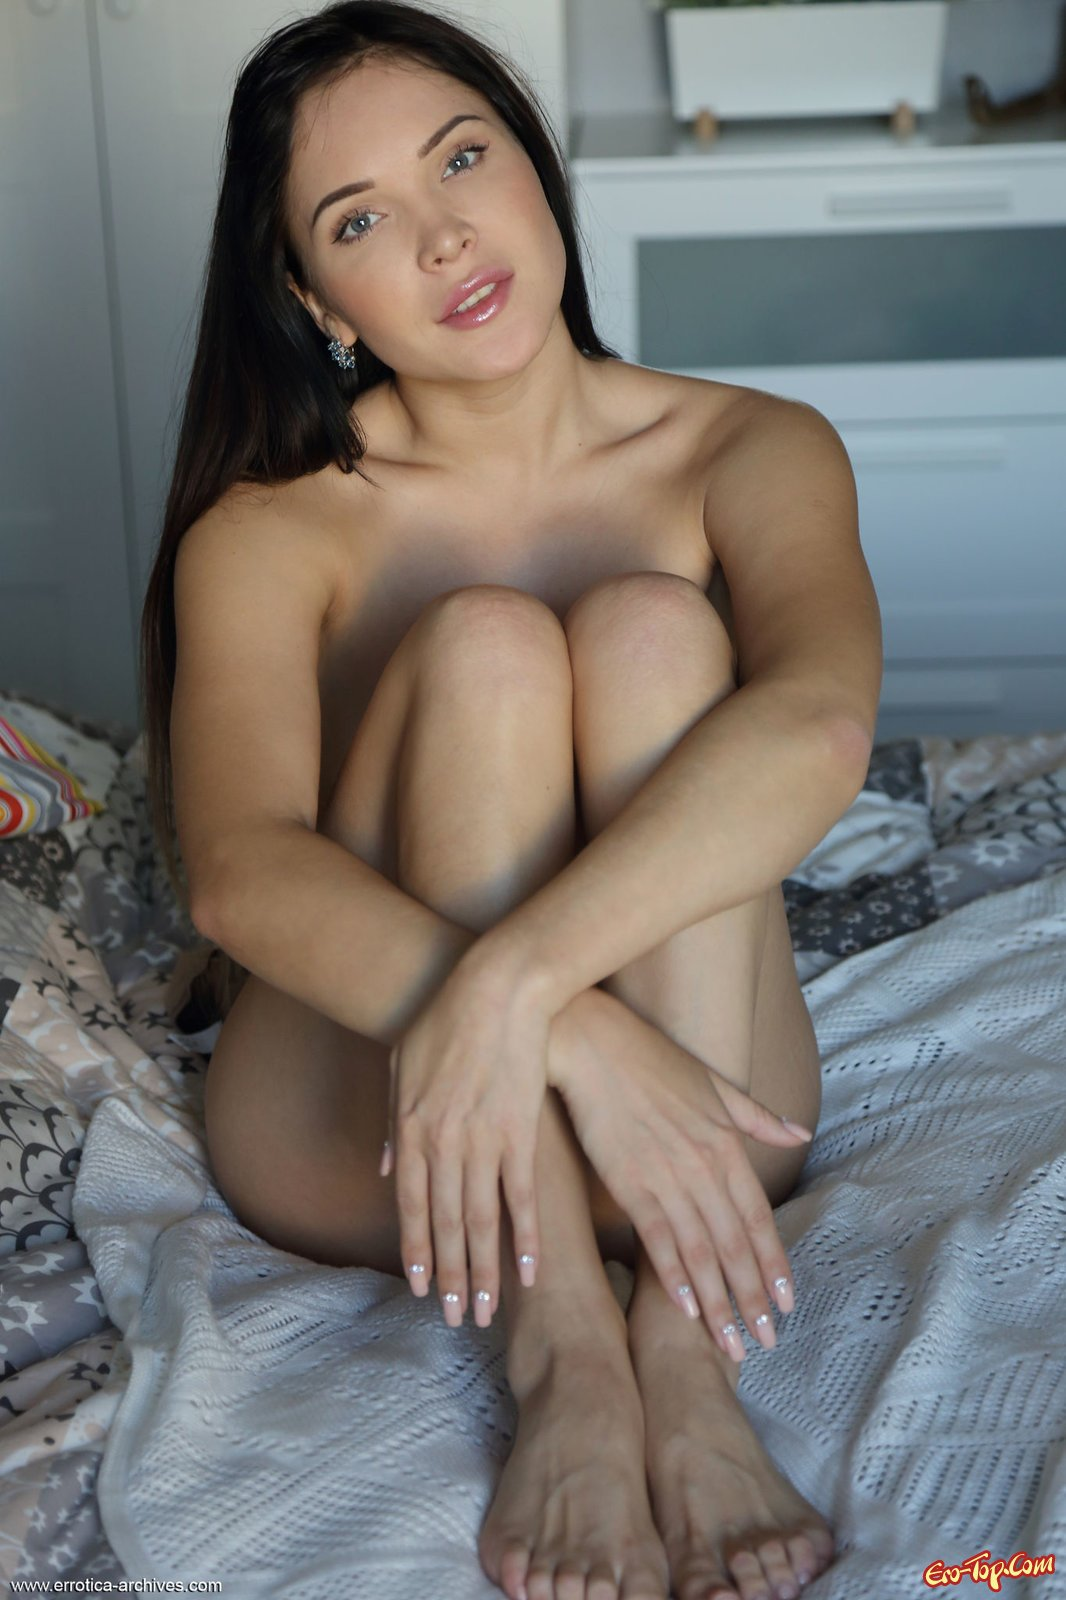 Тёлка раздетой в кровати в постели стоит рачком